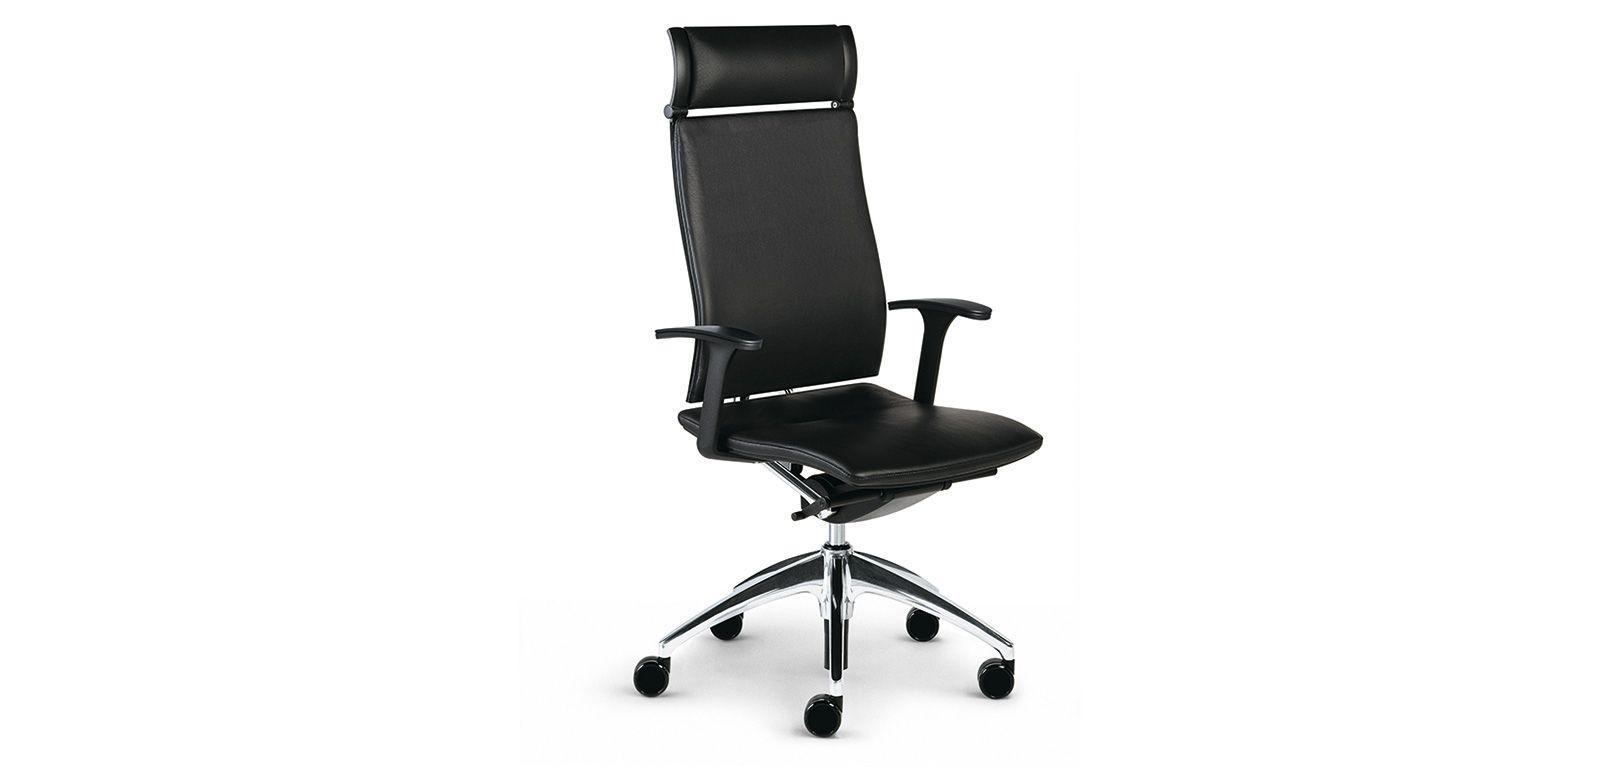 mobilier de bureau design pour professionnel am nagement. Black Bedroom Furniture Sets. Home Design Ideas